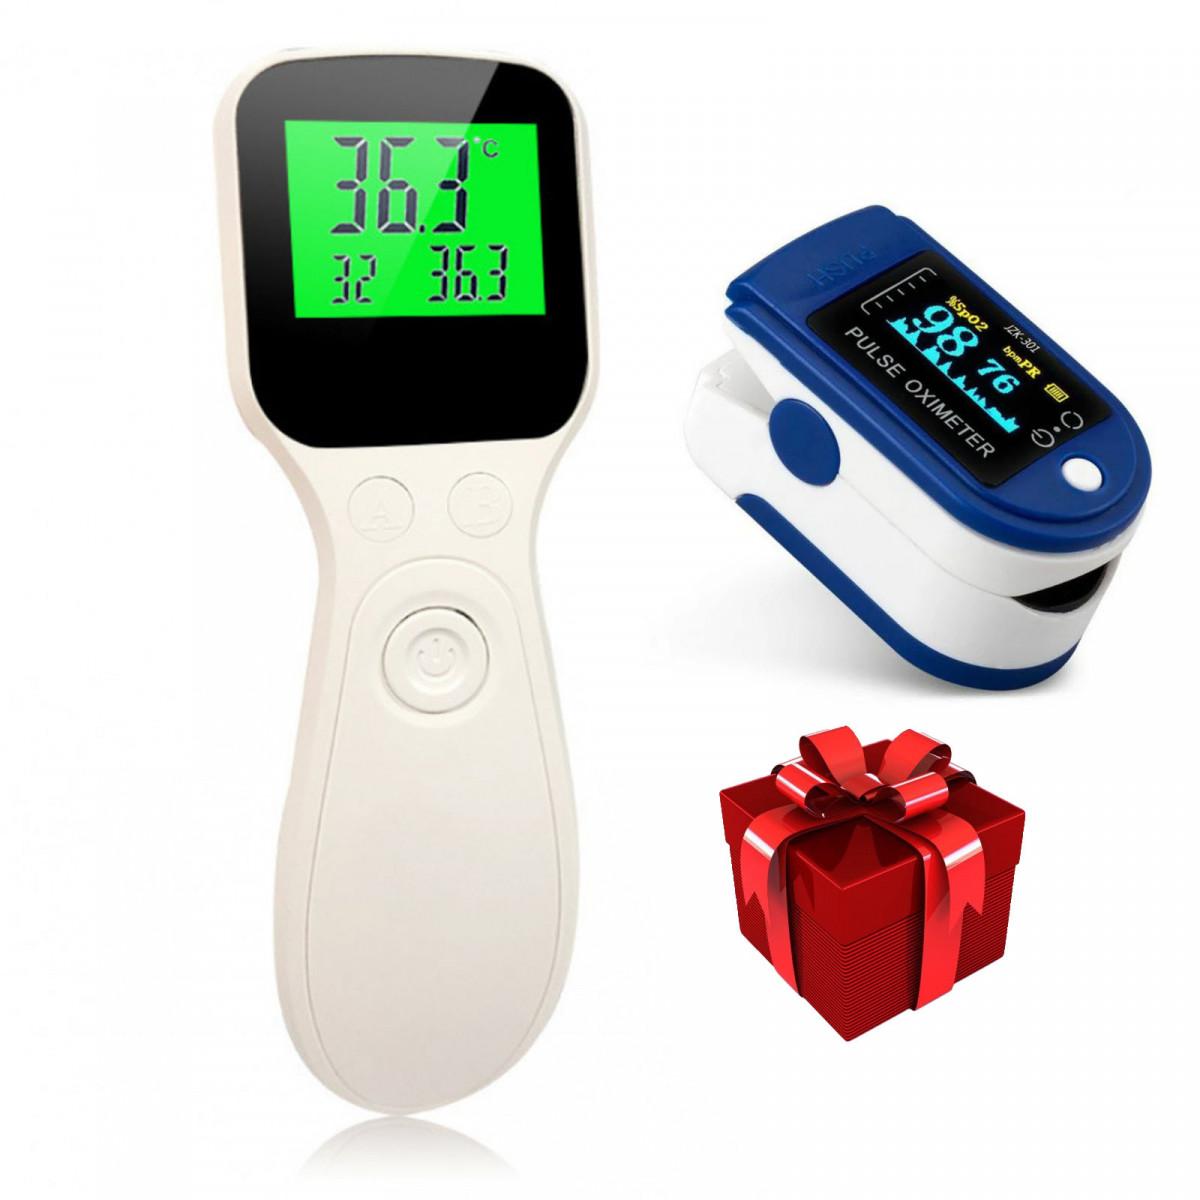 Безконтактний інфрачервоний термометр T100 + Пульсоксиметр Contec CMS50D